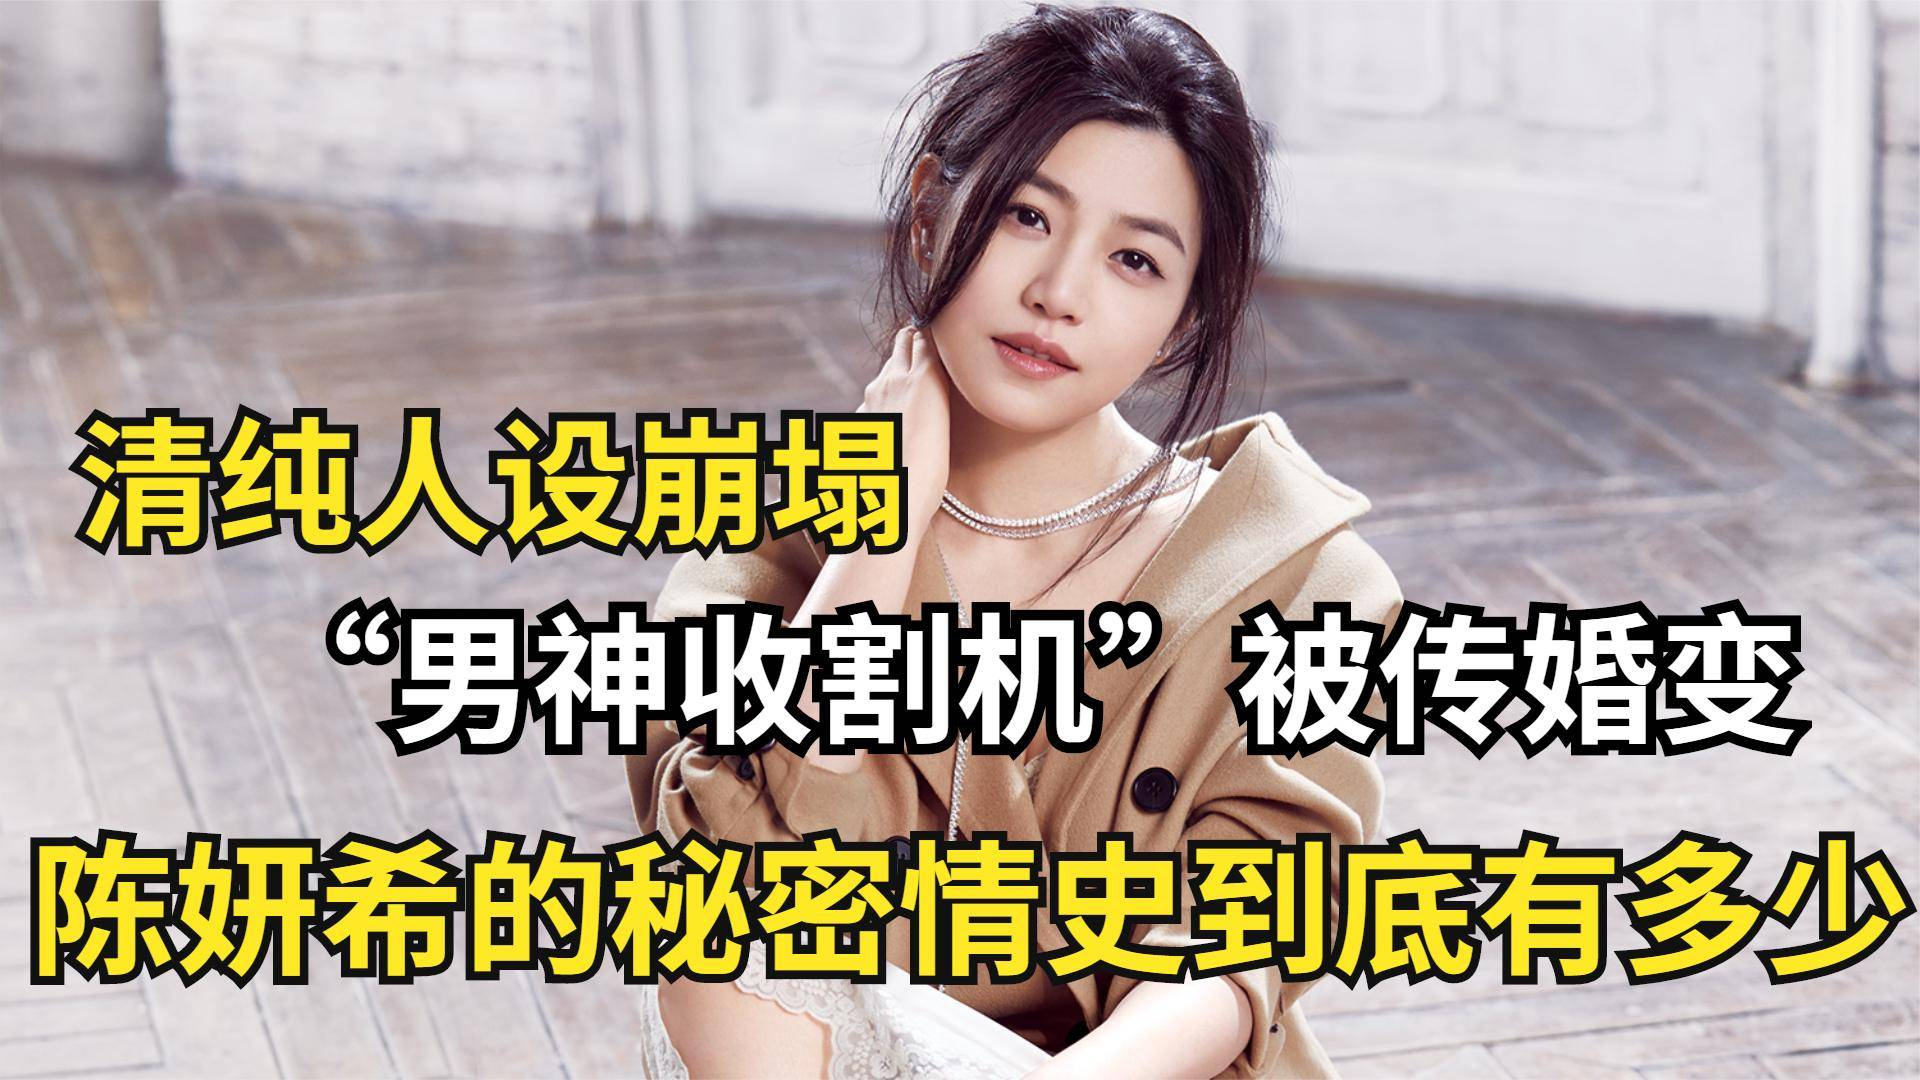 陈妍希被传婚变究竟是真是假?陈晓眼里为何再无光芒?